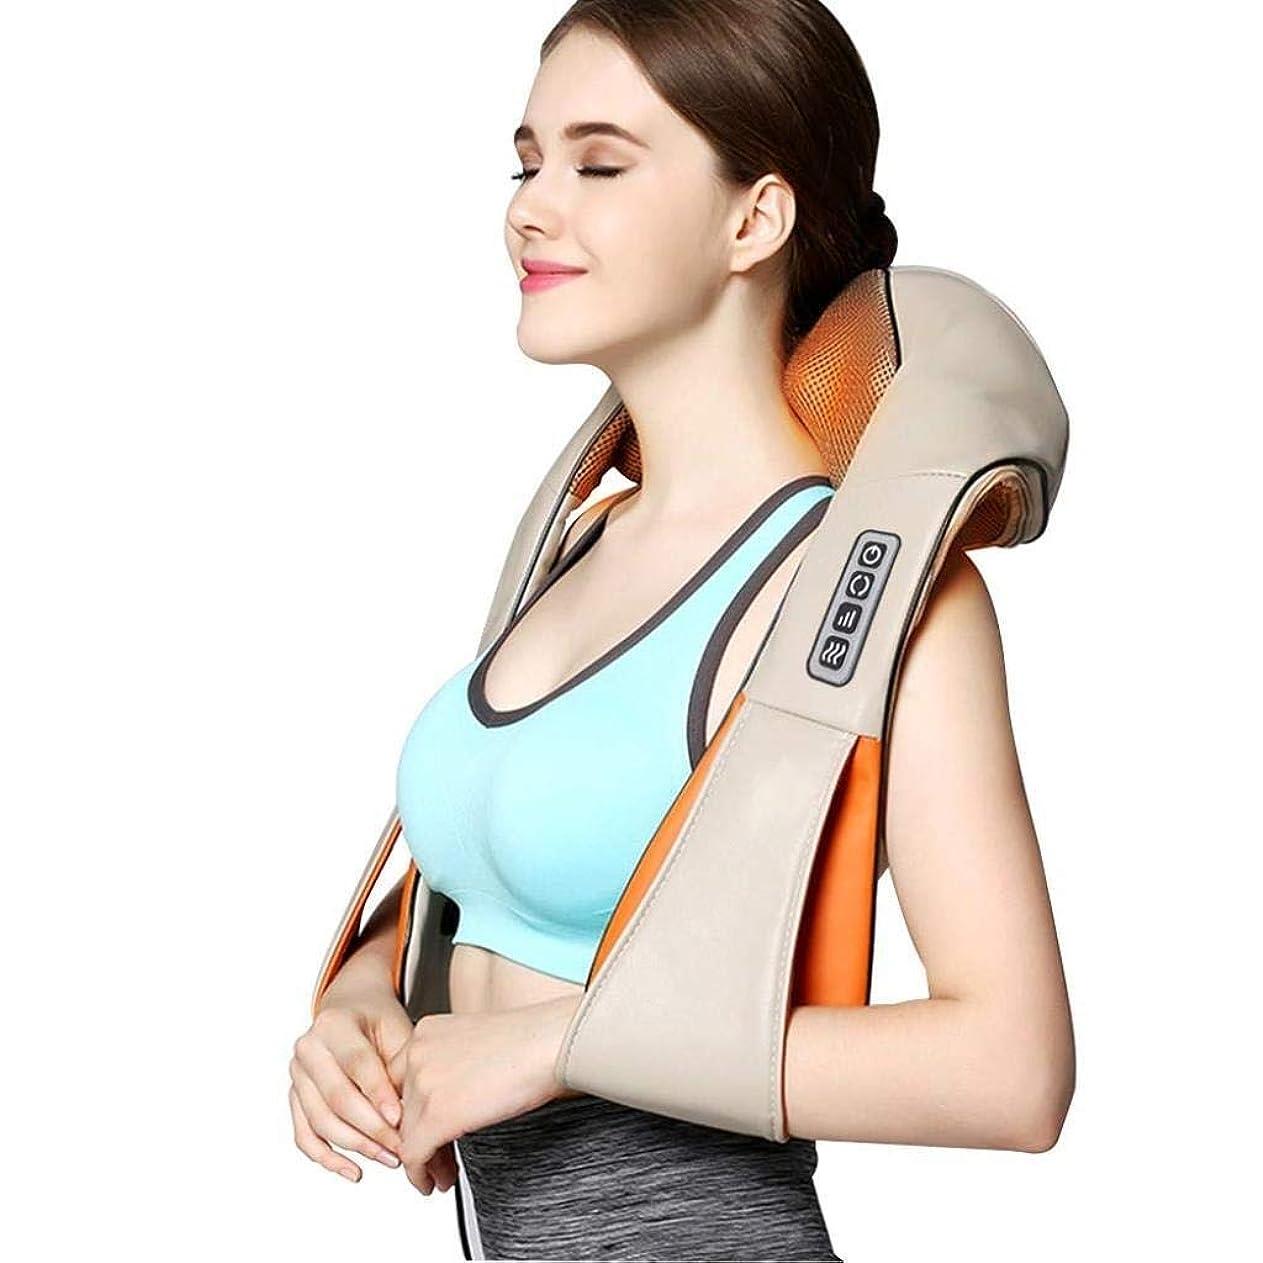 花婿寝るモチーフ指圧ネックの肩のマッサージャー - 3D深いティッシュの混合の首、肩、背中、足、マッサージの痛みを緩和する電気バックマッサージ枕車のオフィスや家庭でリラックス (Color : 4buttons)